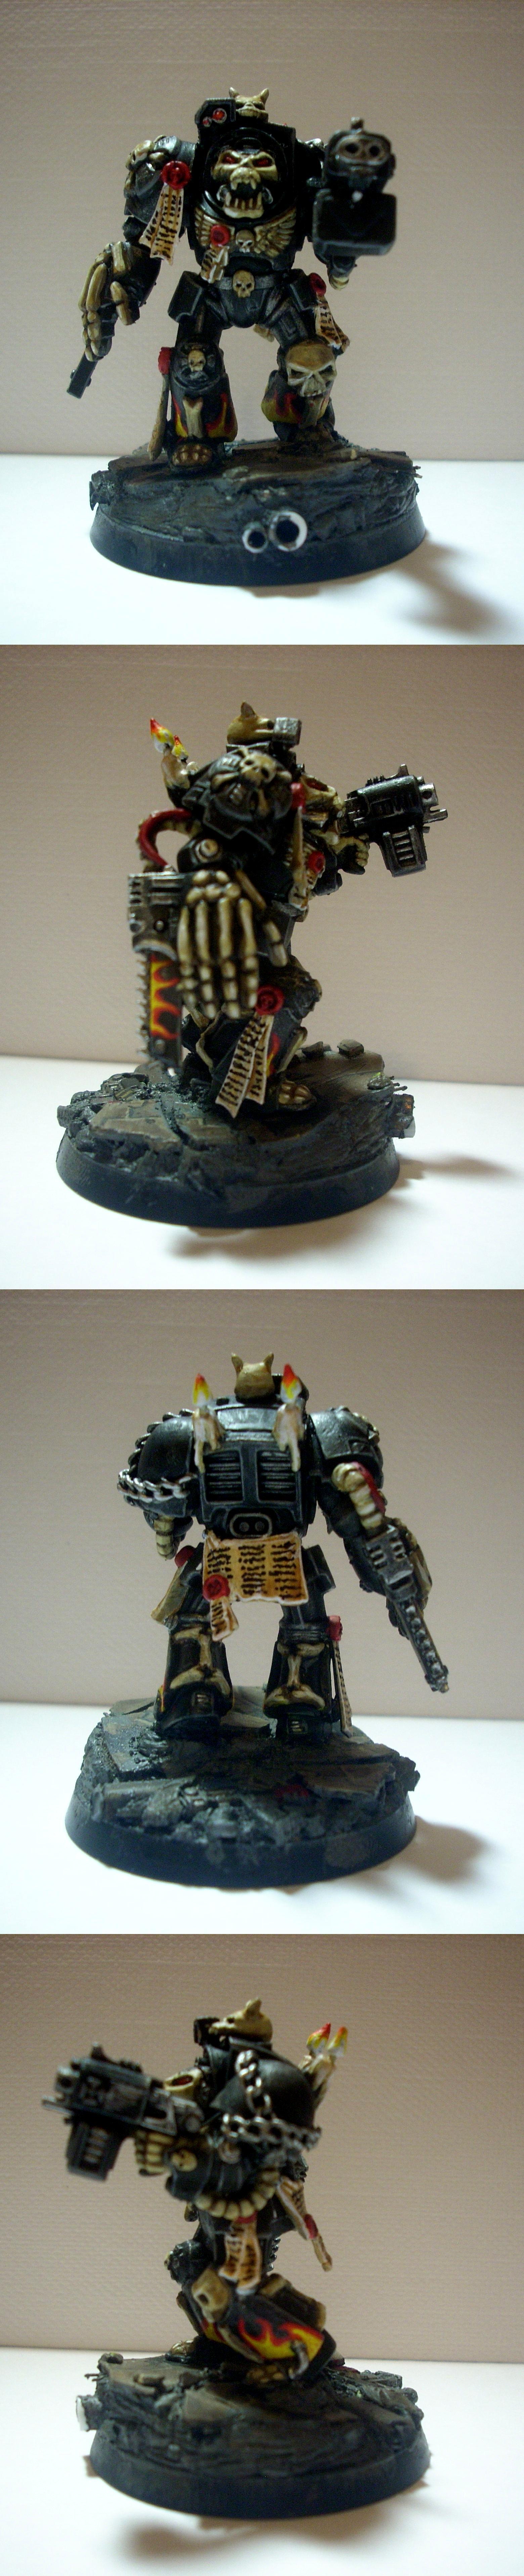 Greenstuff, Legion Of The Damned, Skull